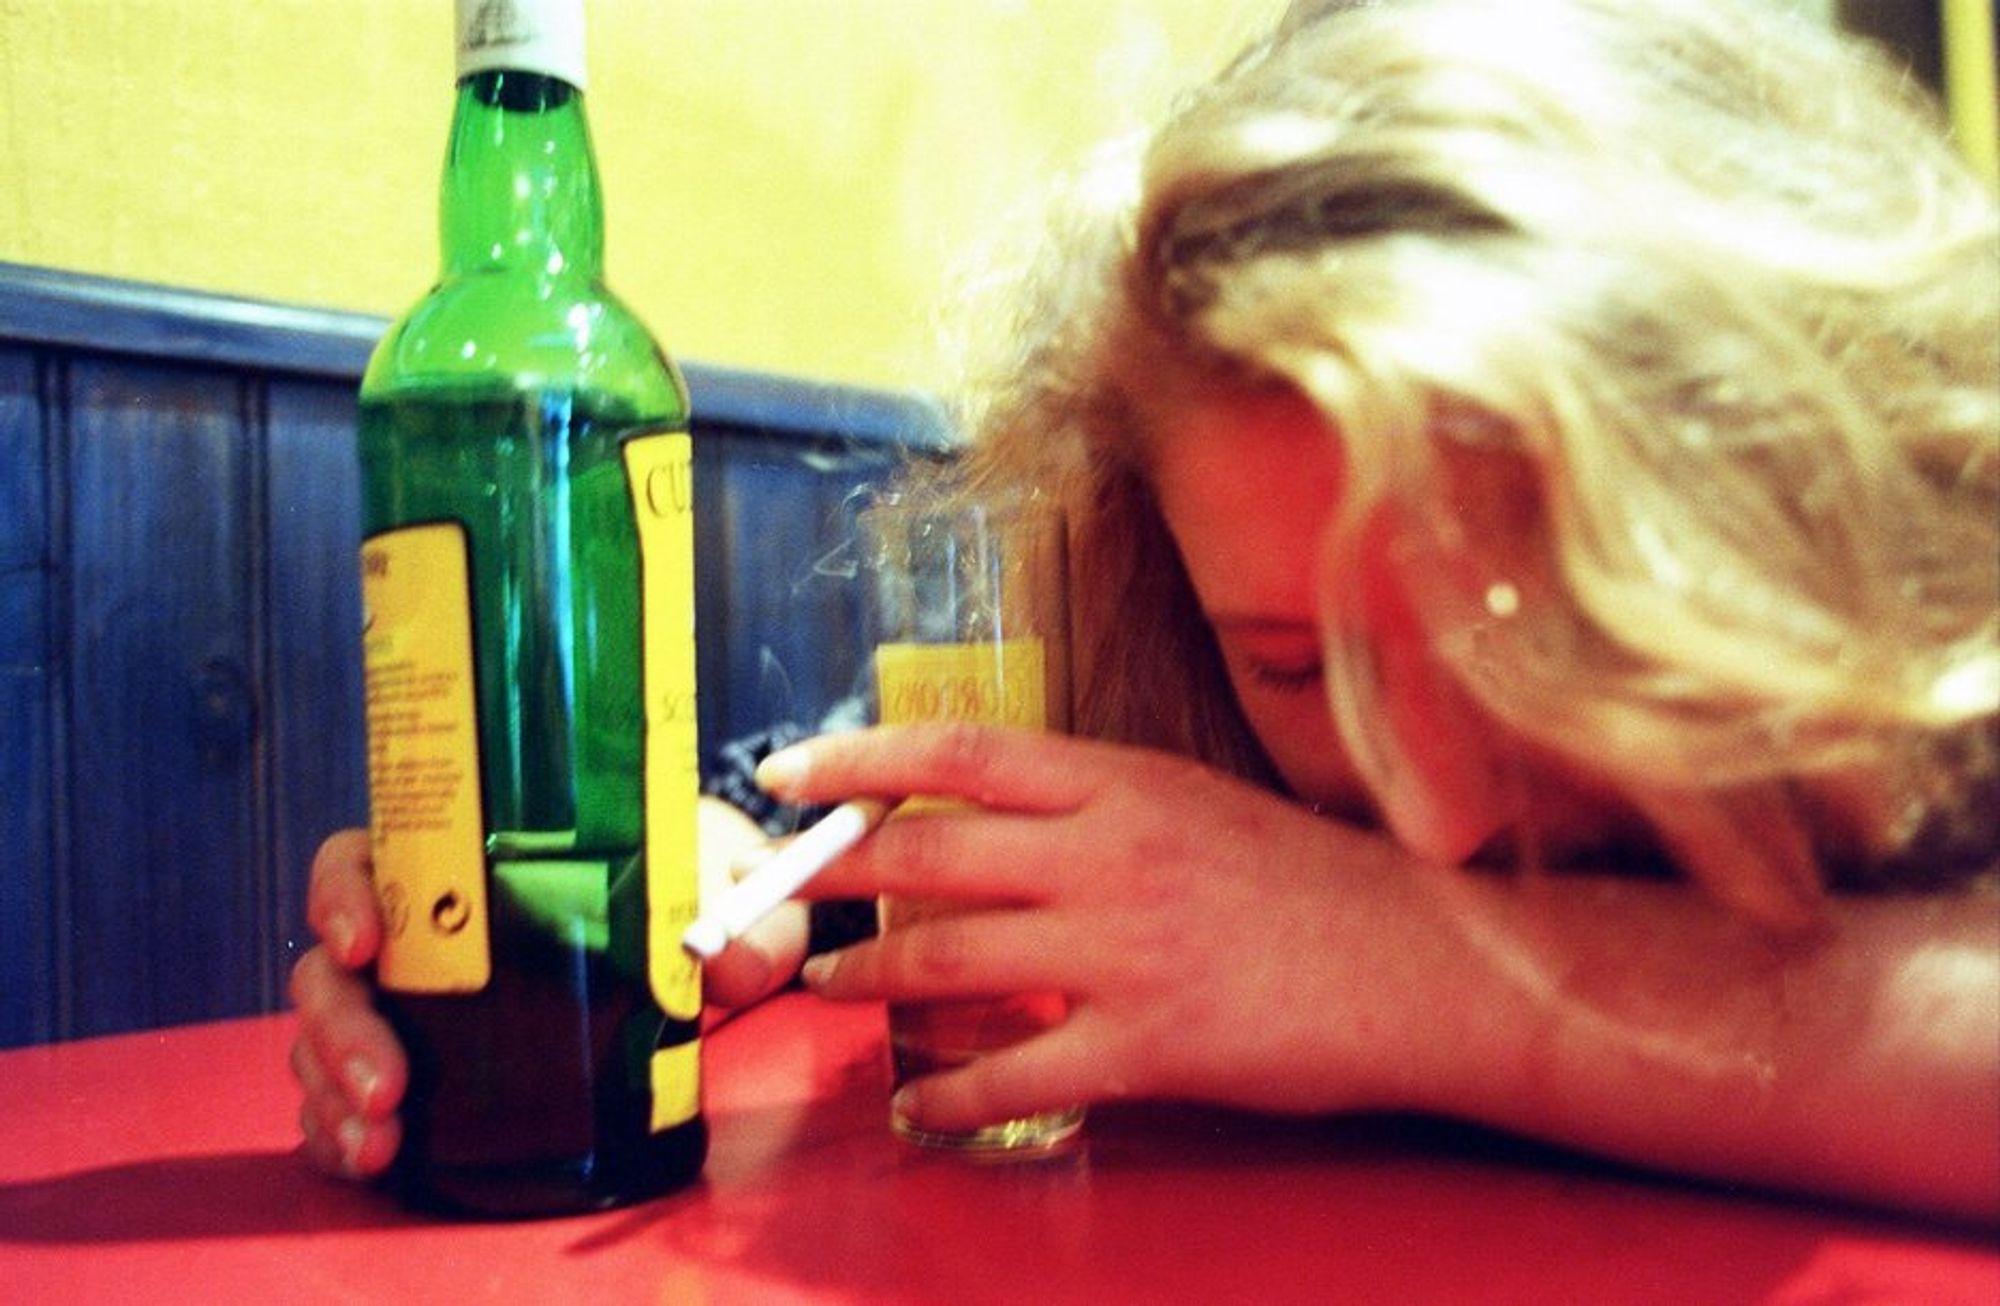 MEDISIN: Alkohol fungerer dårlig som remedium mot angst og sosiale problemer.